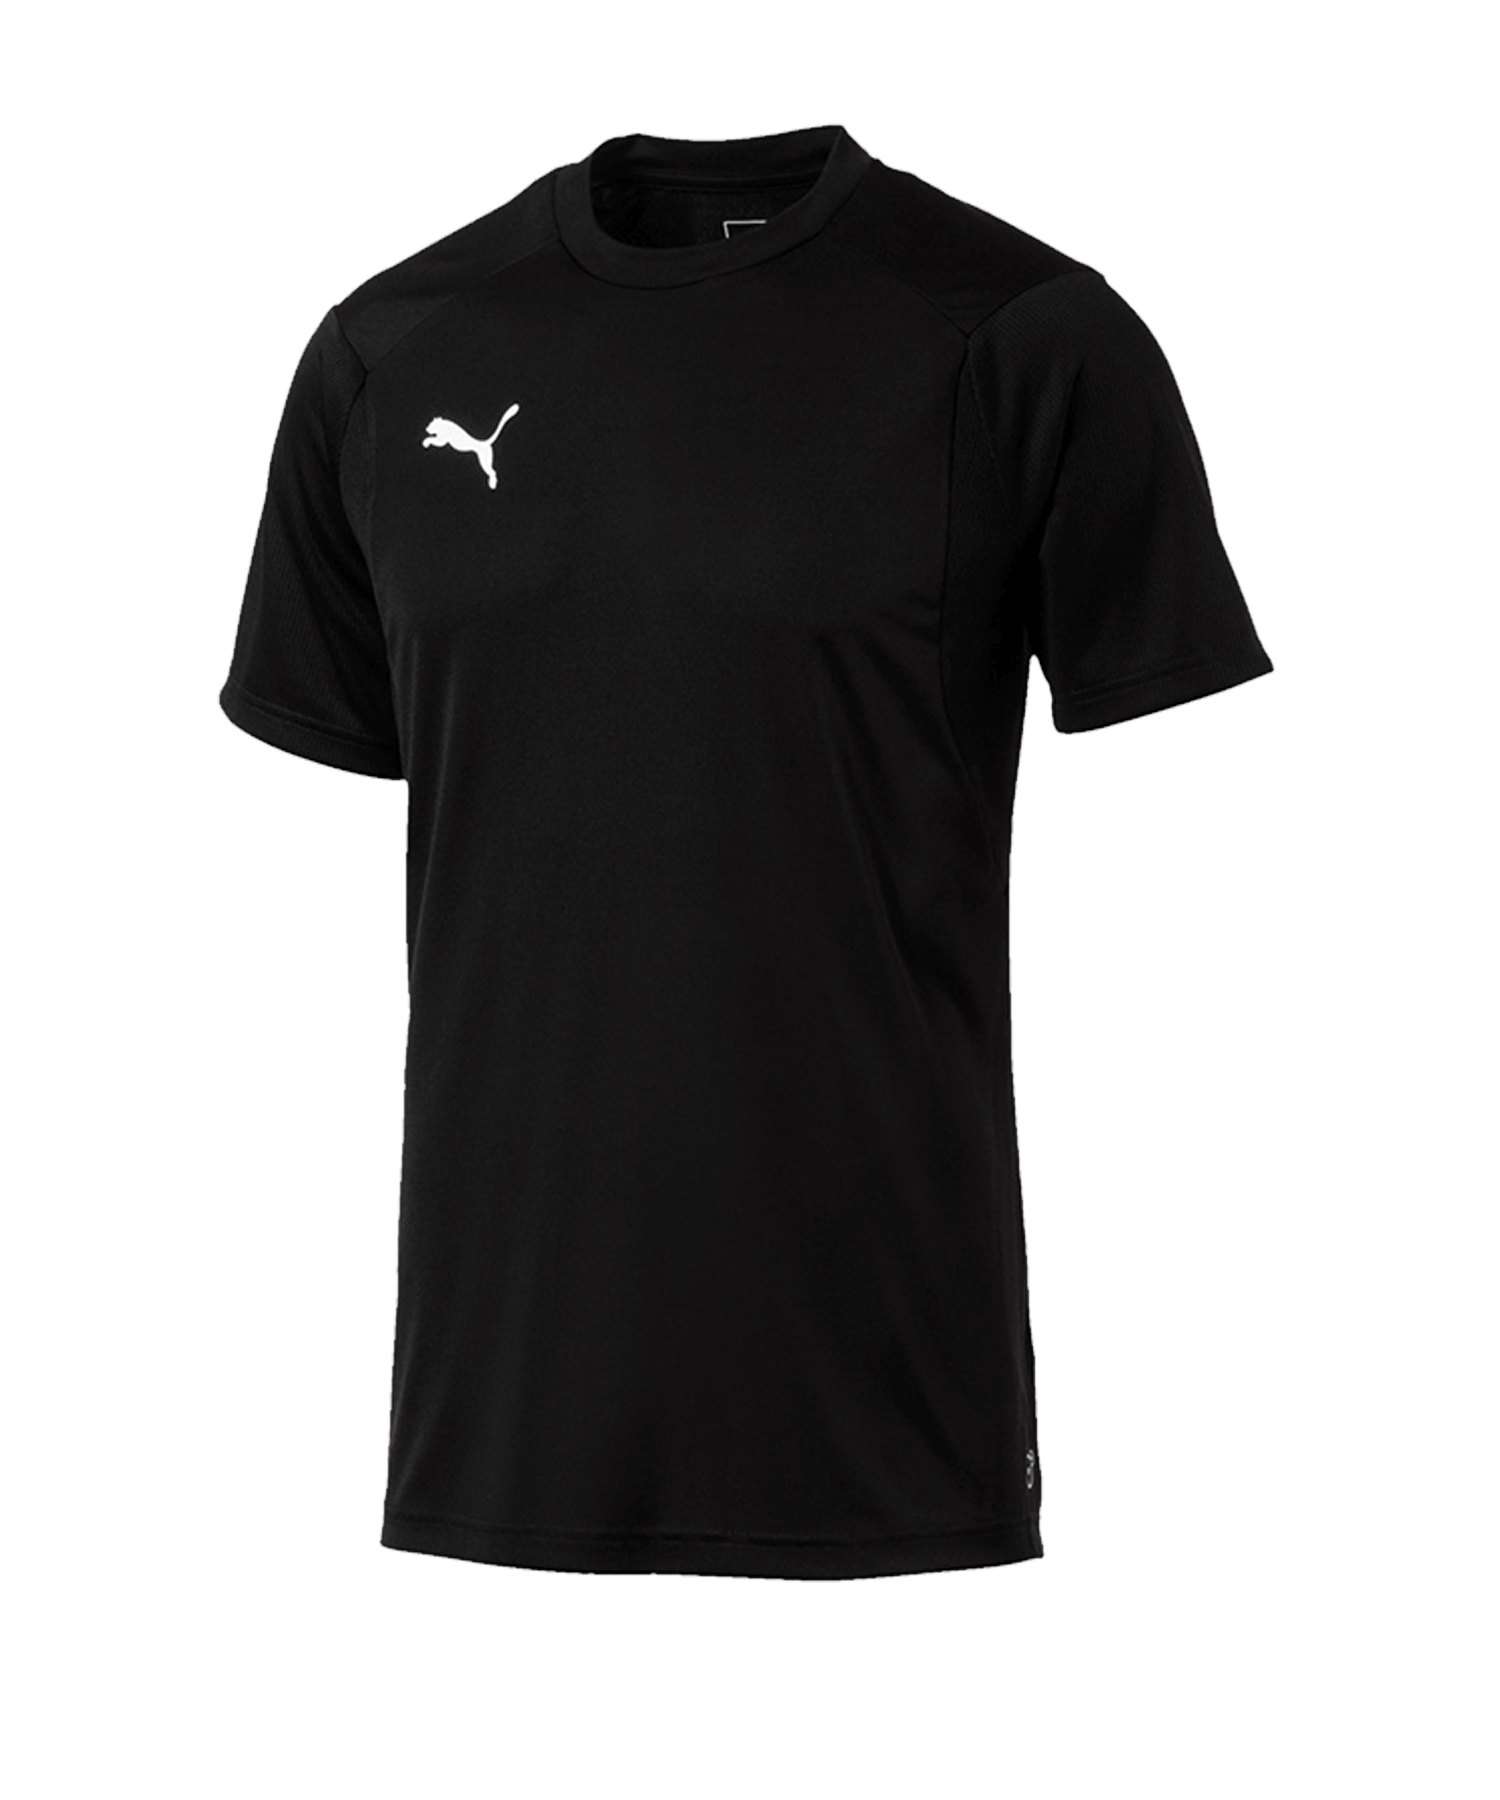 PUMA LIGA Training T-Shirt Schwarz F03 - schwarz